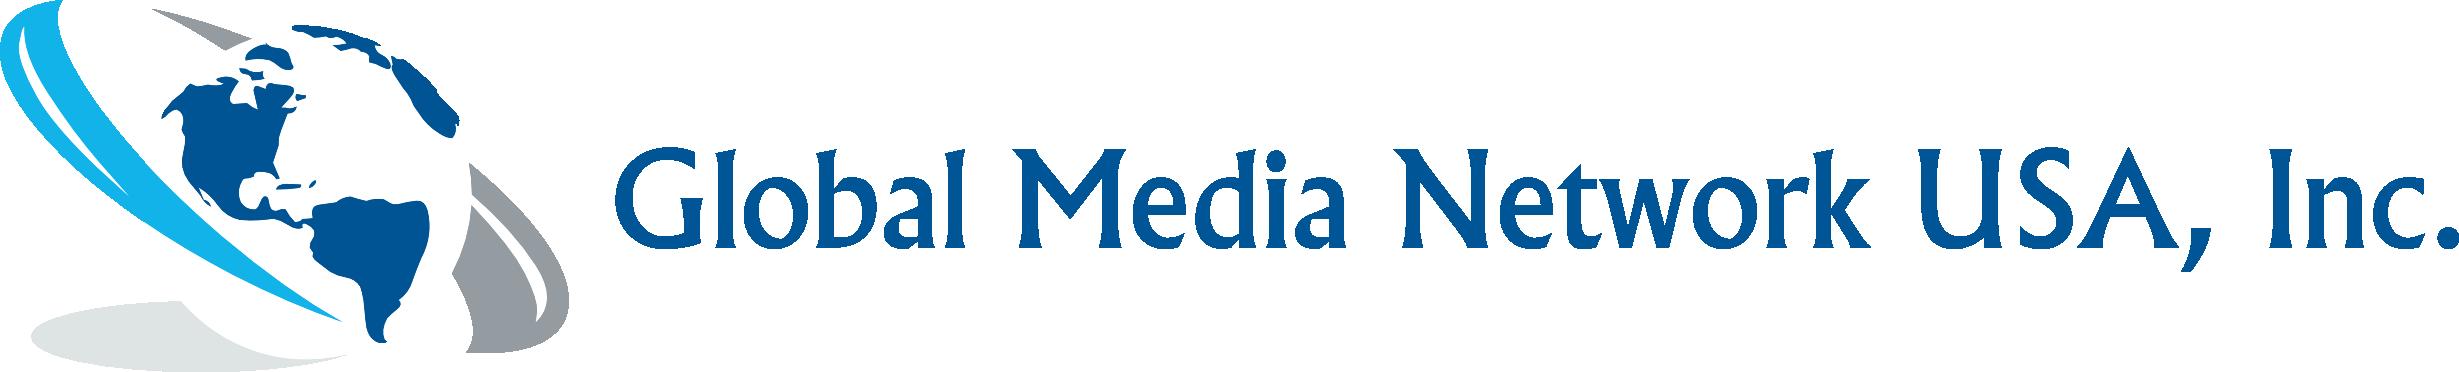 Global Media Network USA